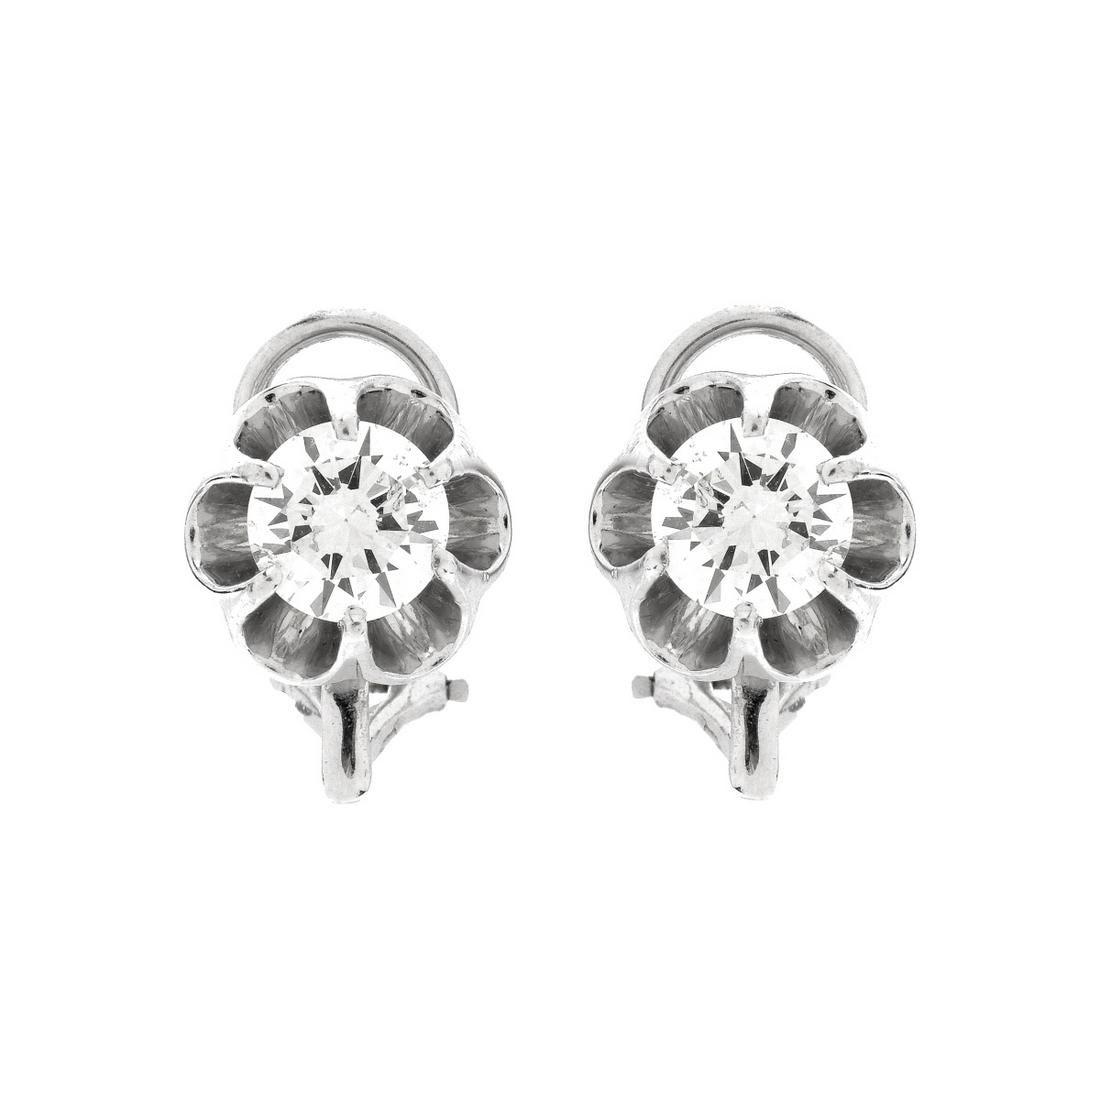 Vintage 2.10ct Diamond Stud Earrings